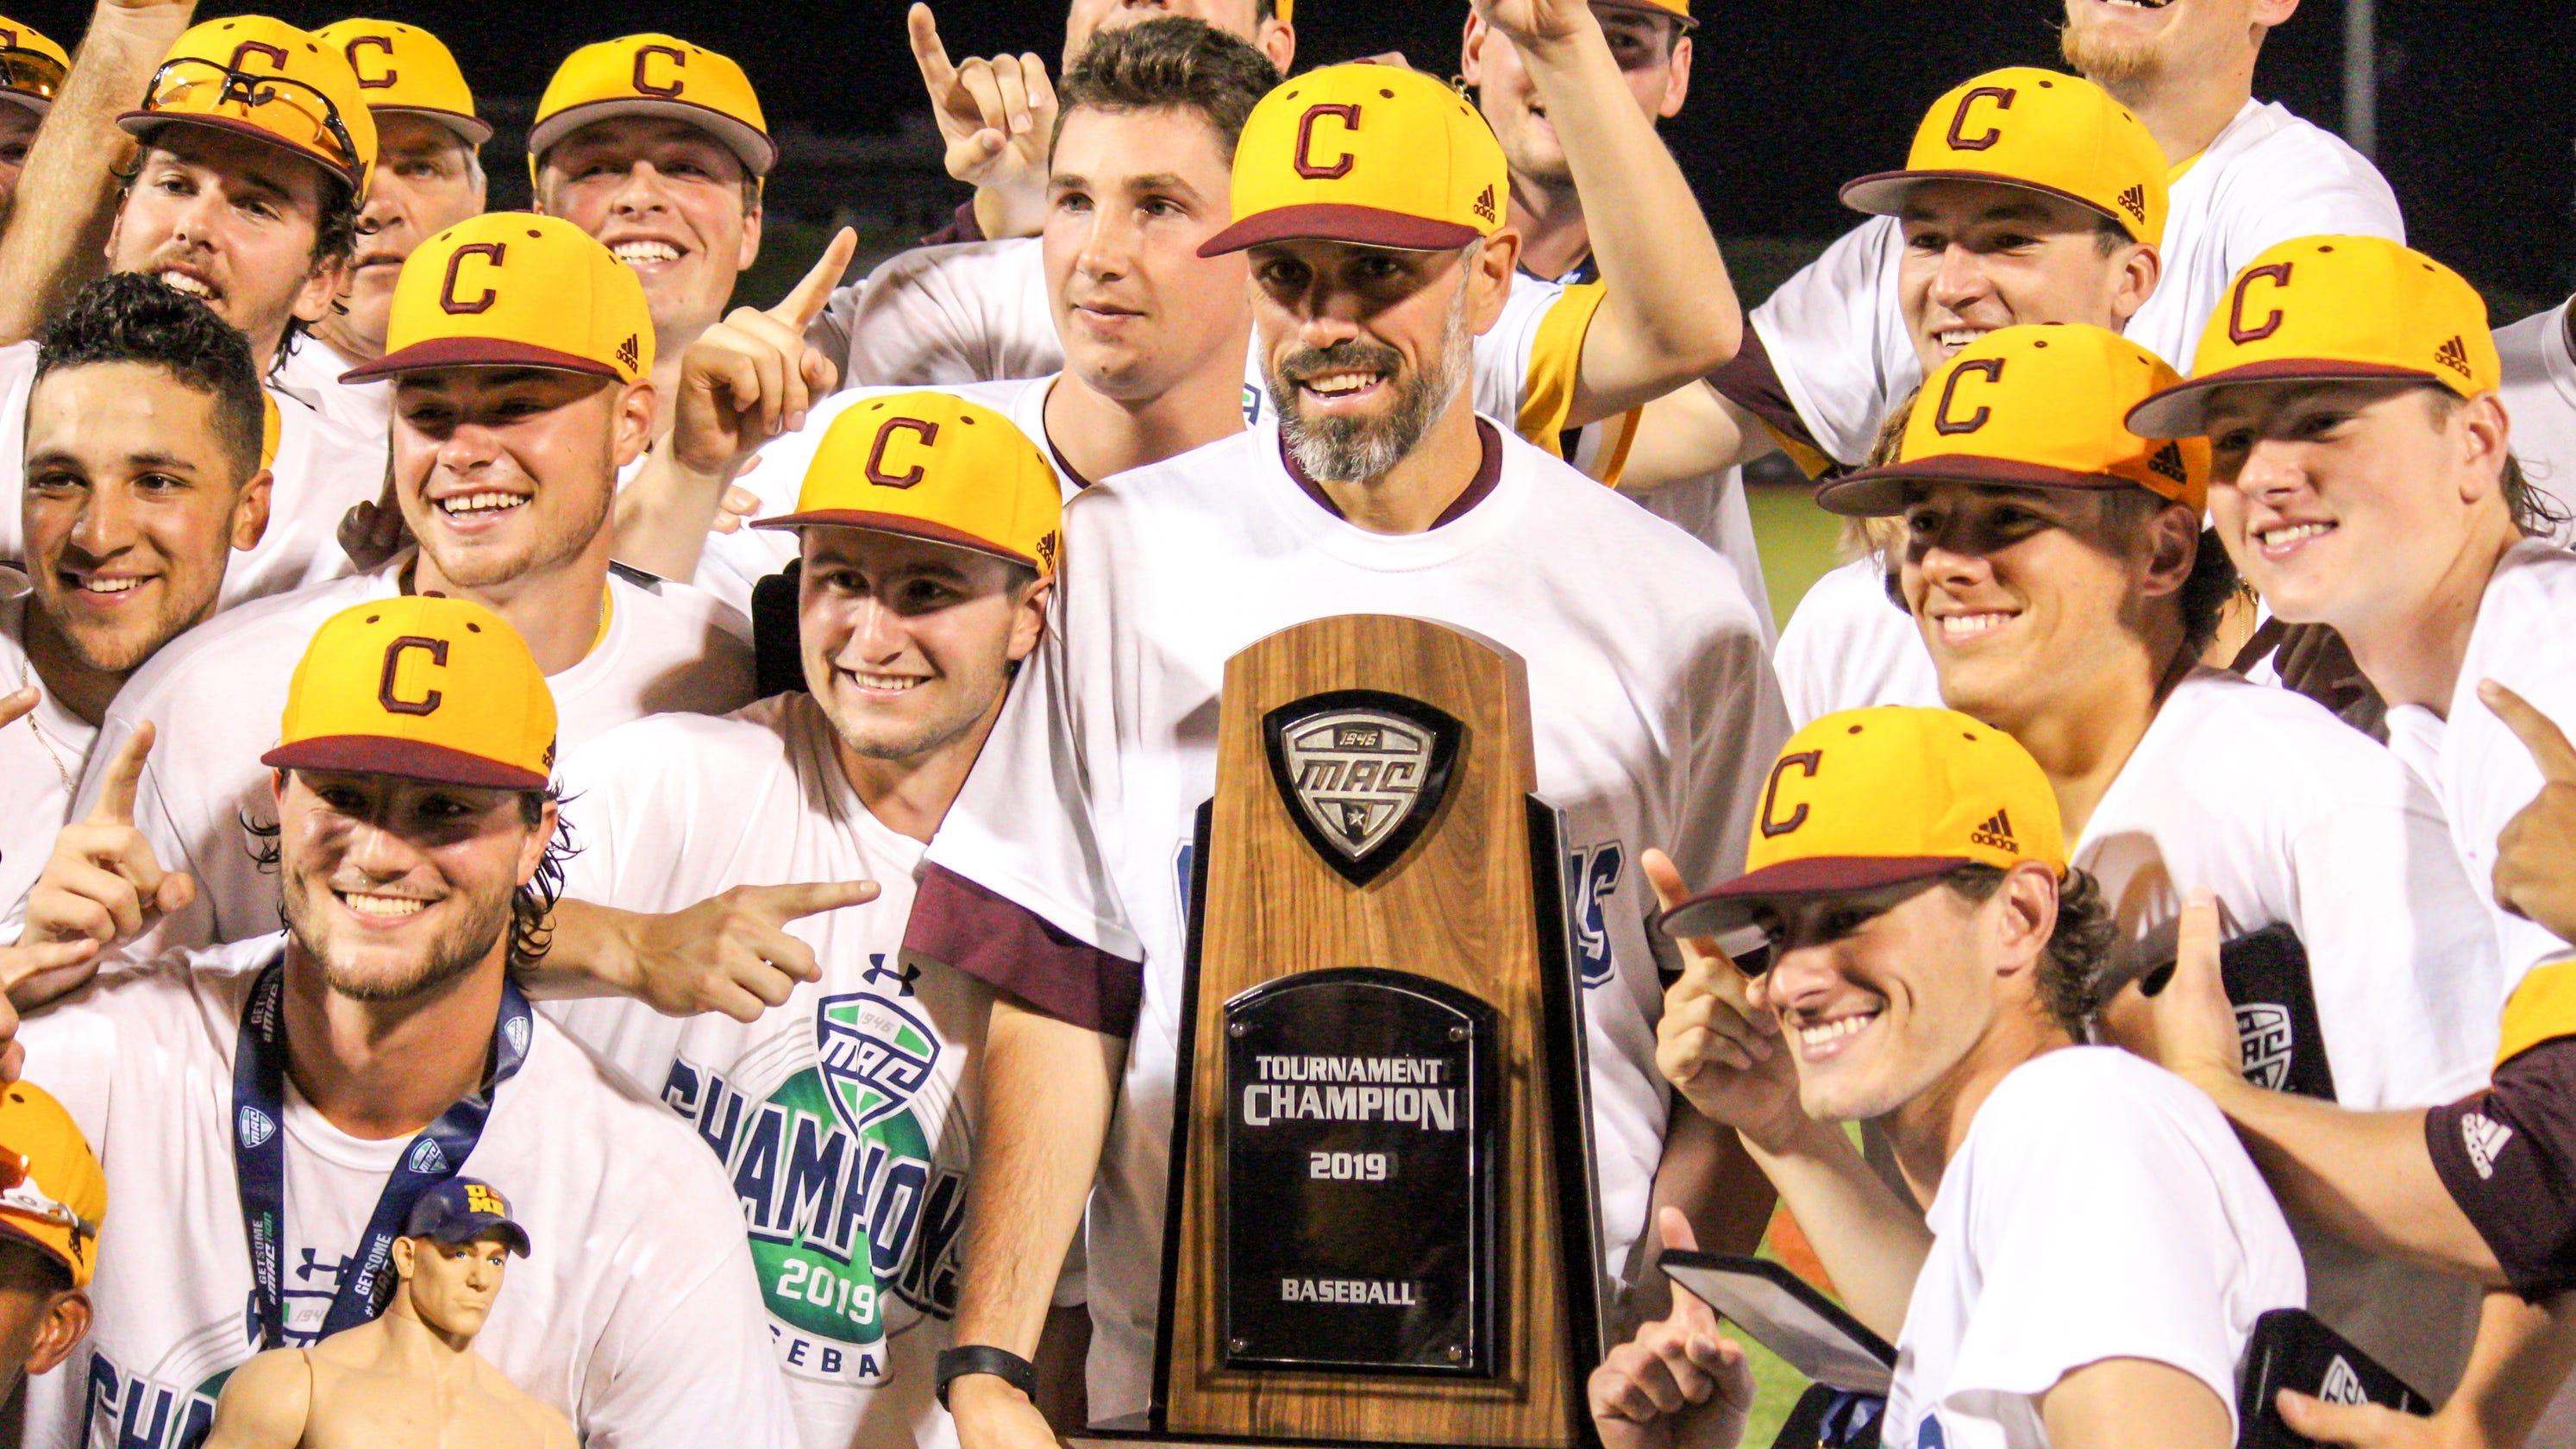 Sports Photography At Cmu: 'Bigger Than Anything Else': Michigan, CMU Baseball Gear